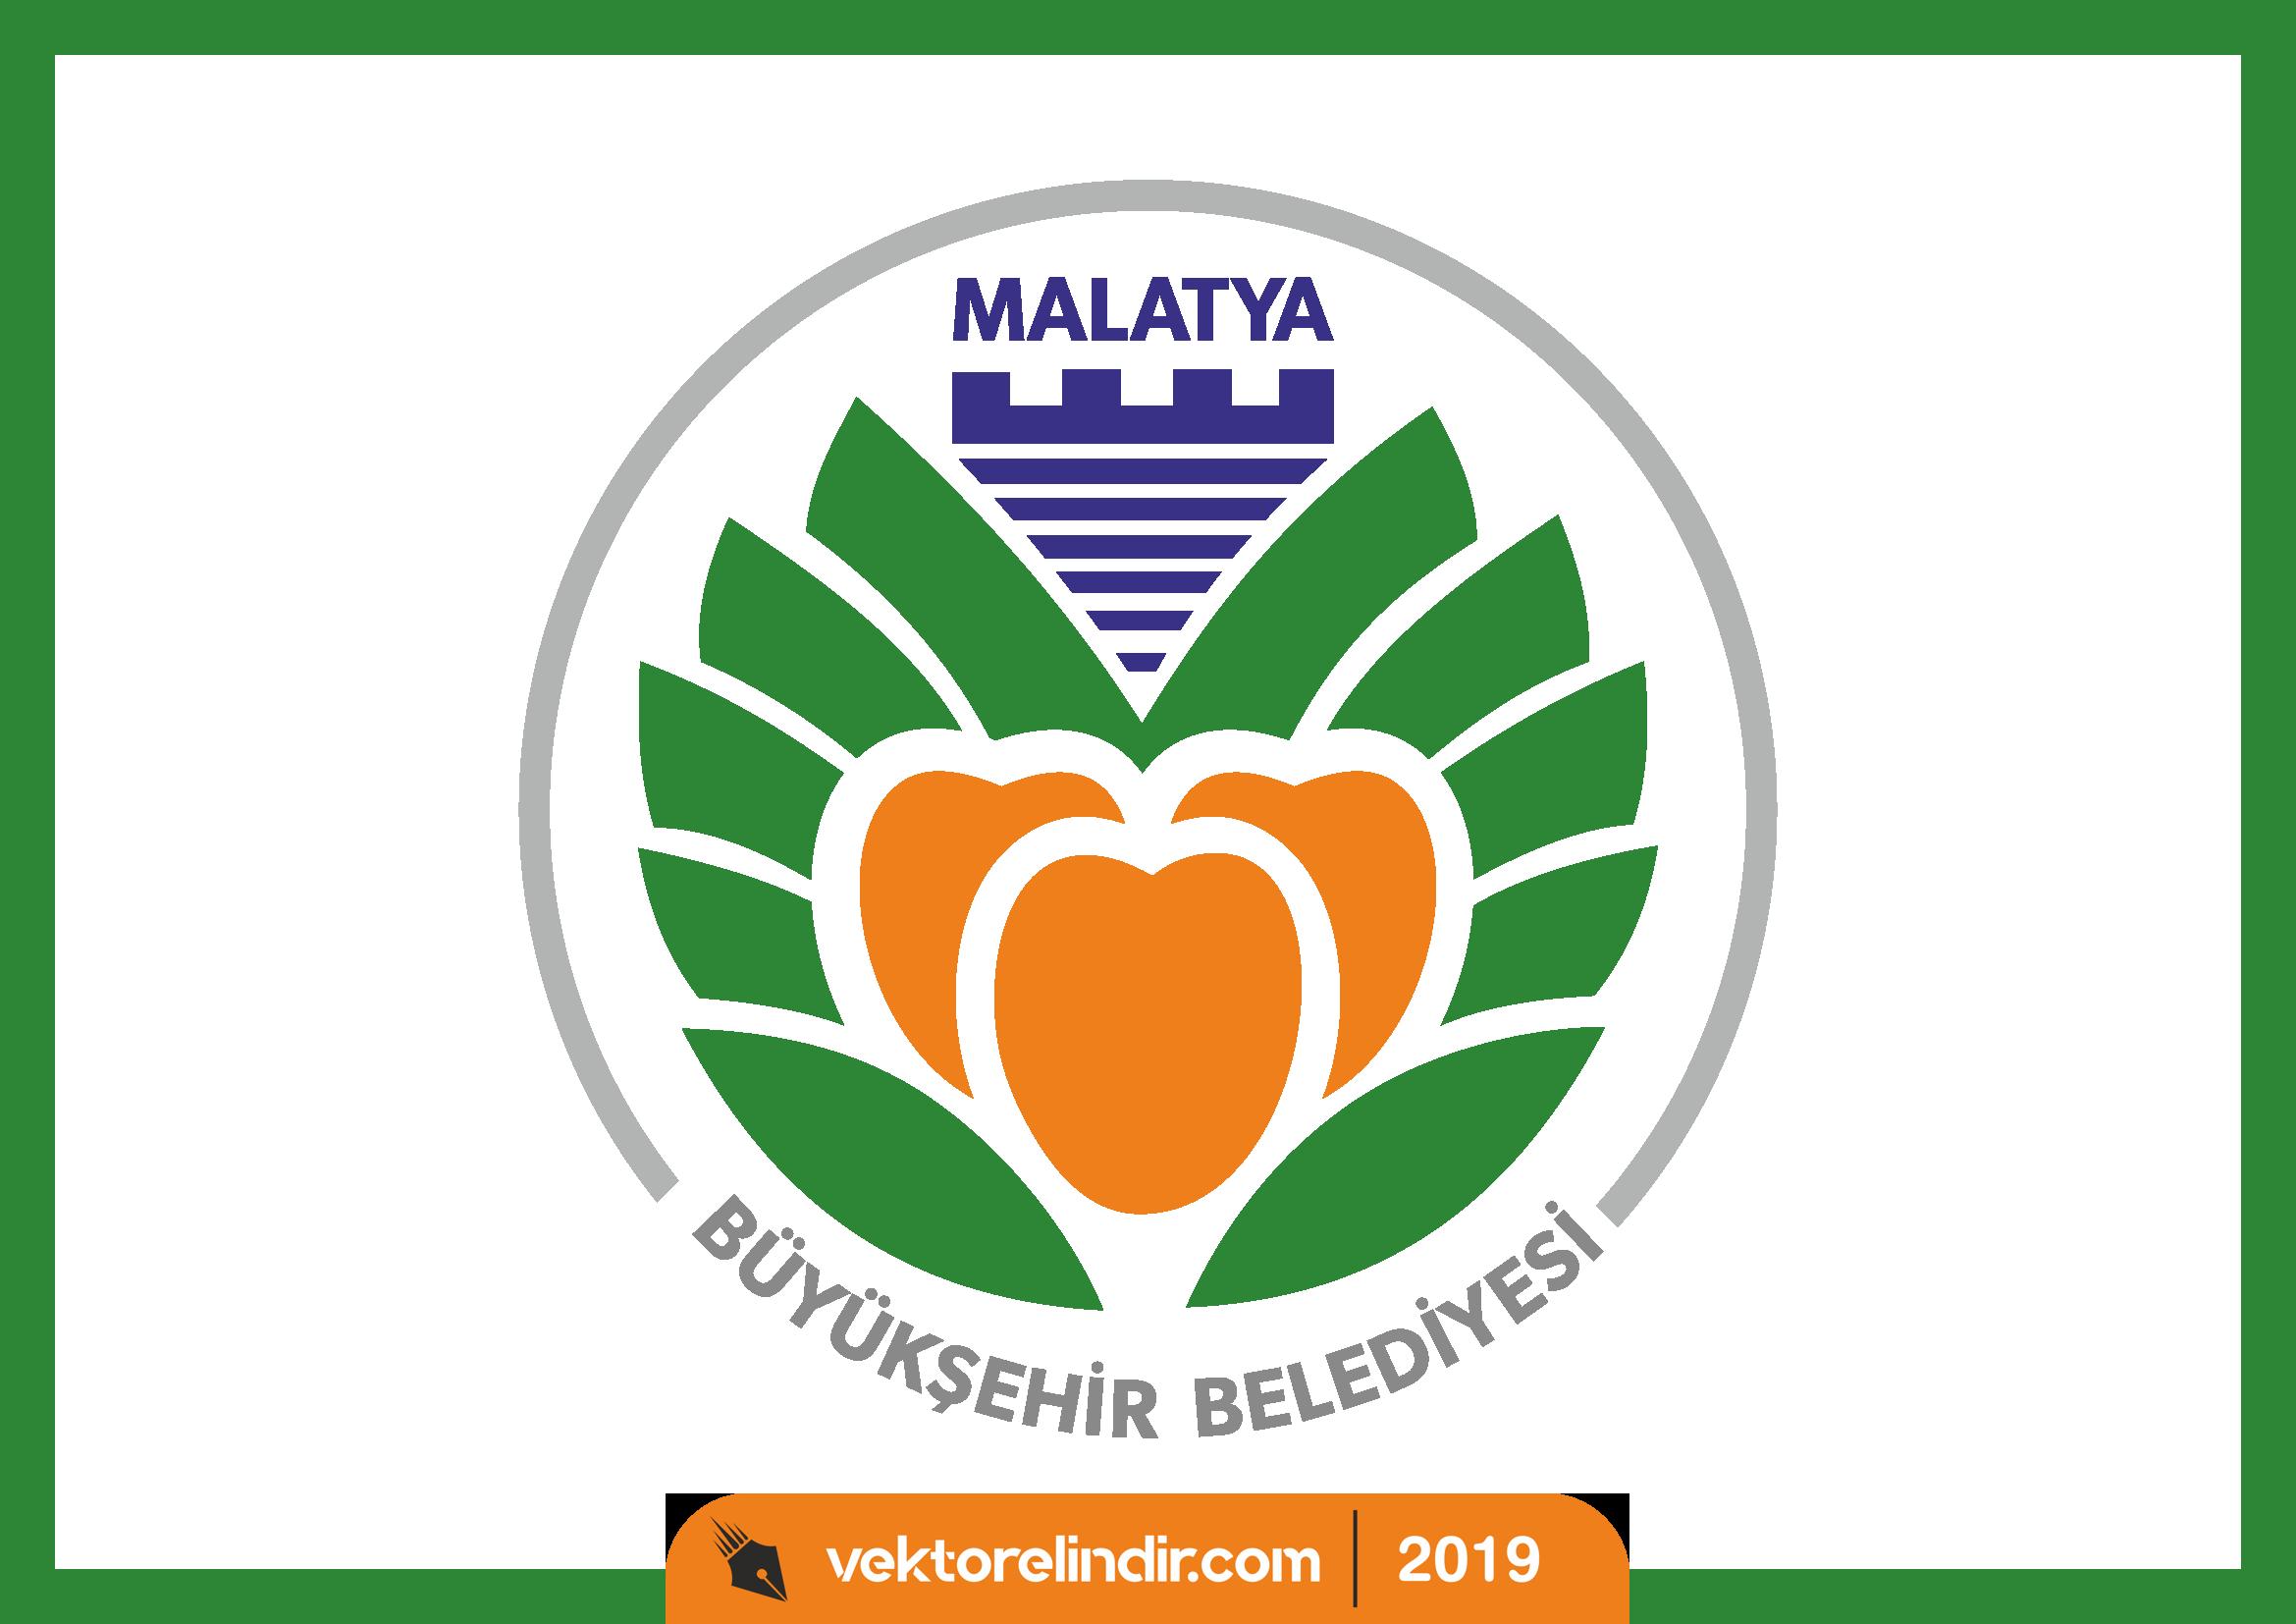 Malatya Büyükşehir Belediyesi Logo, Amblem